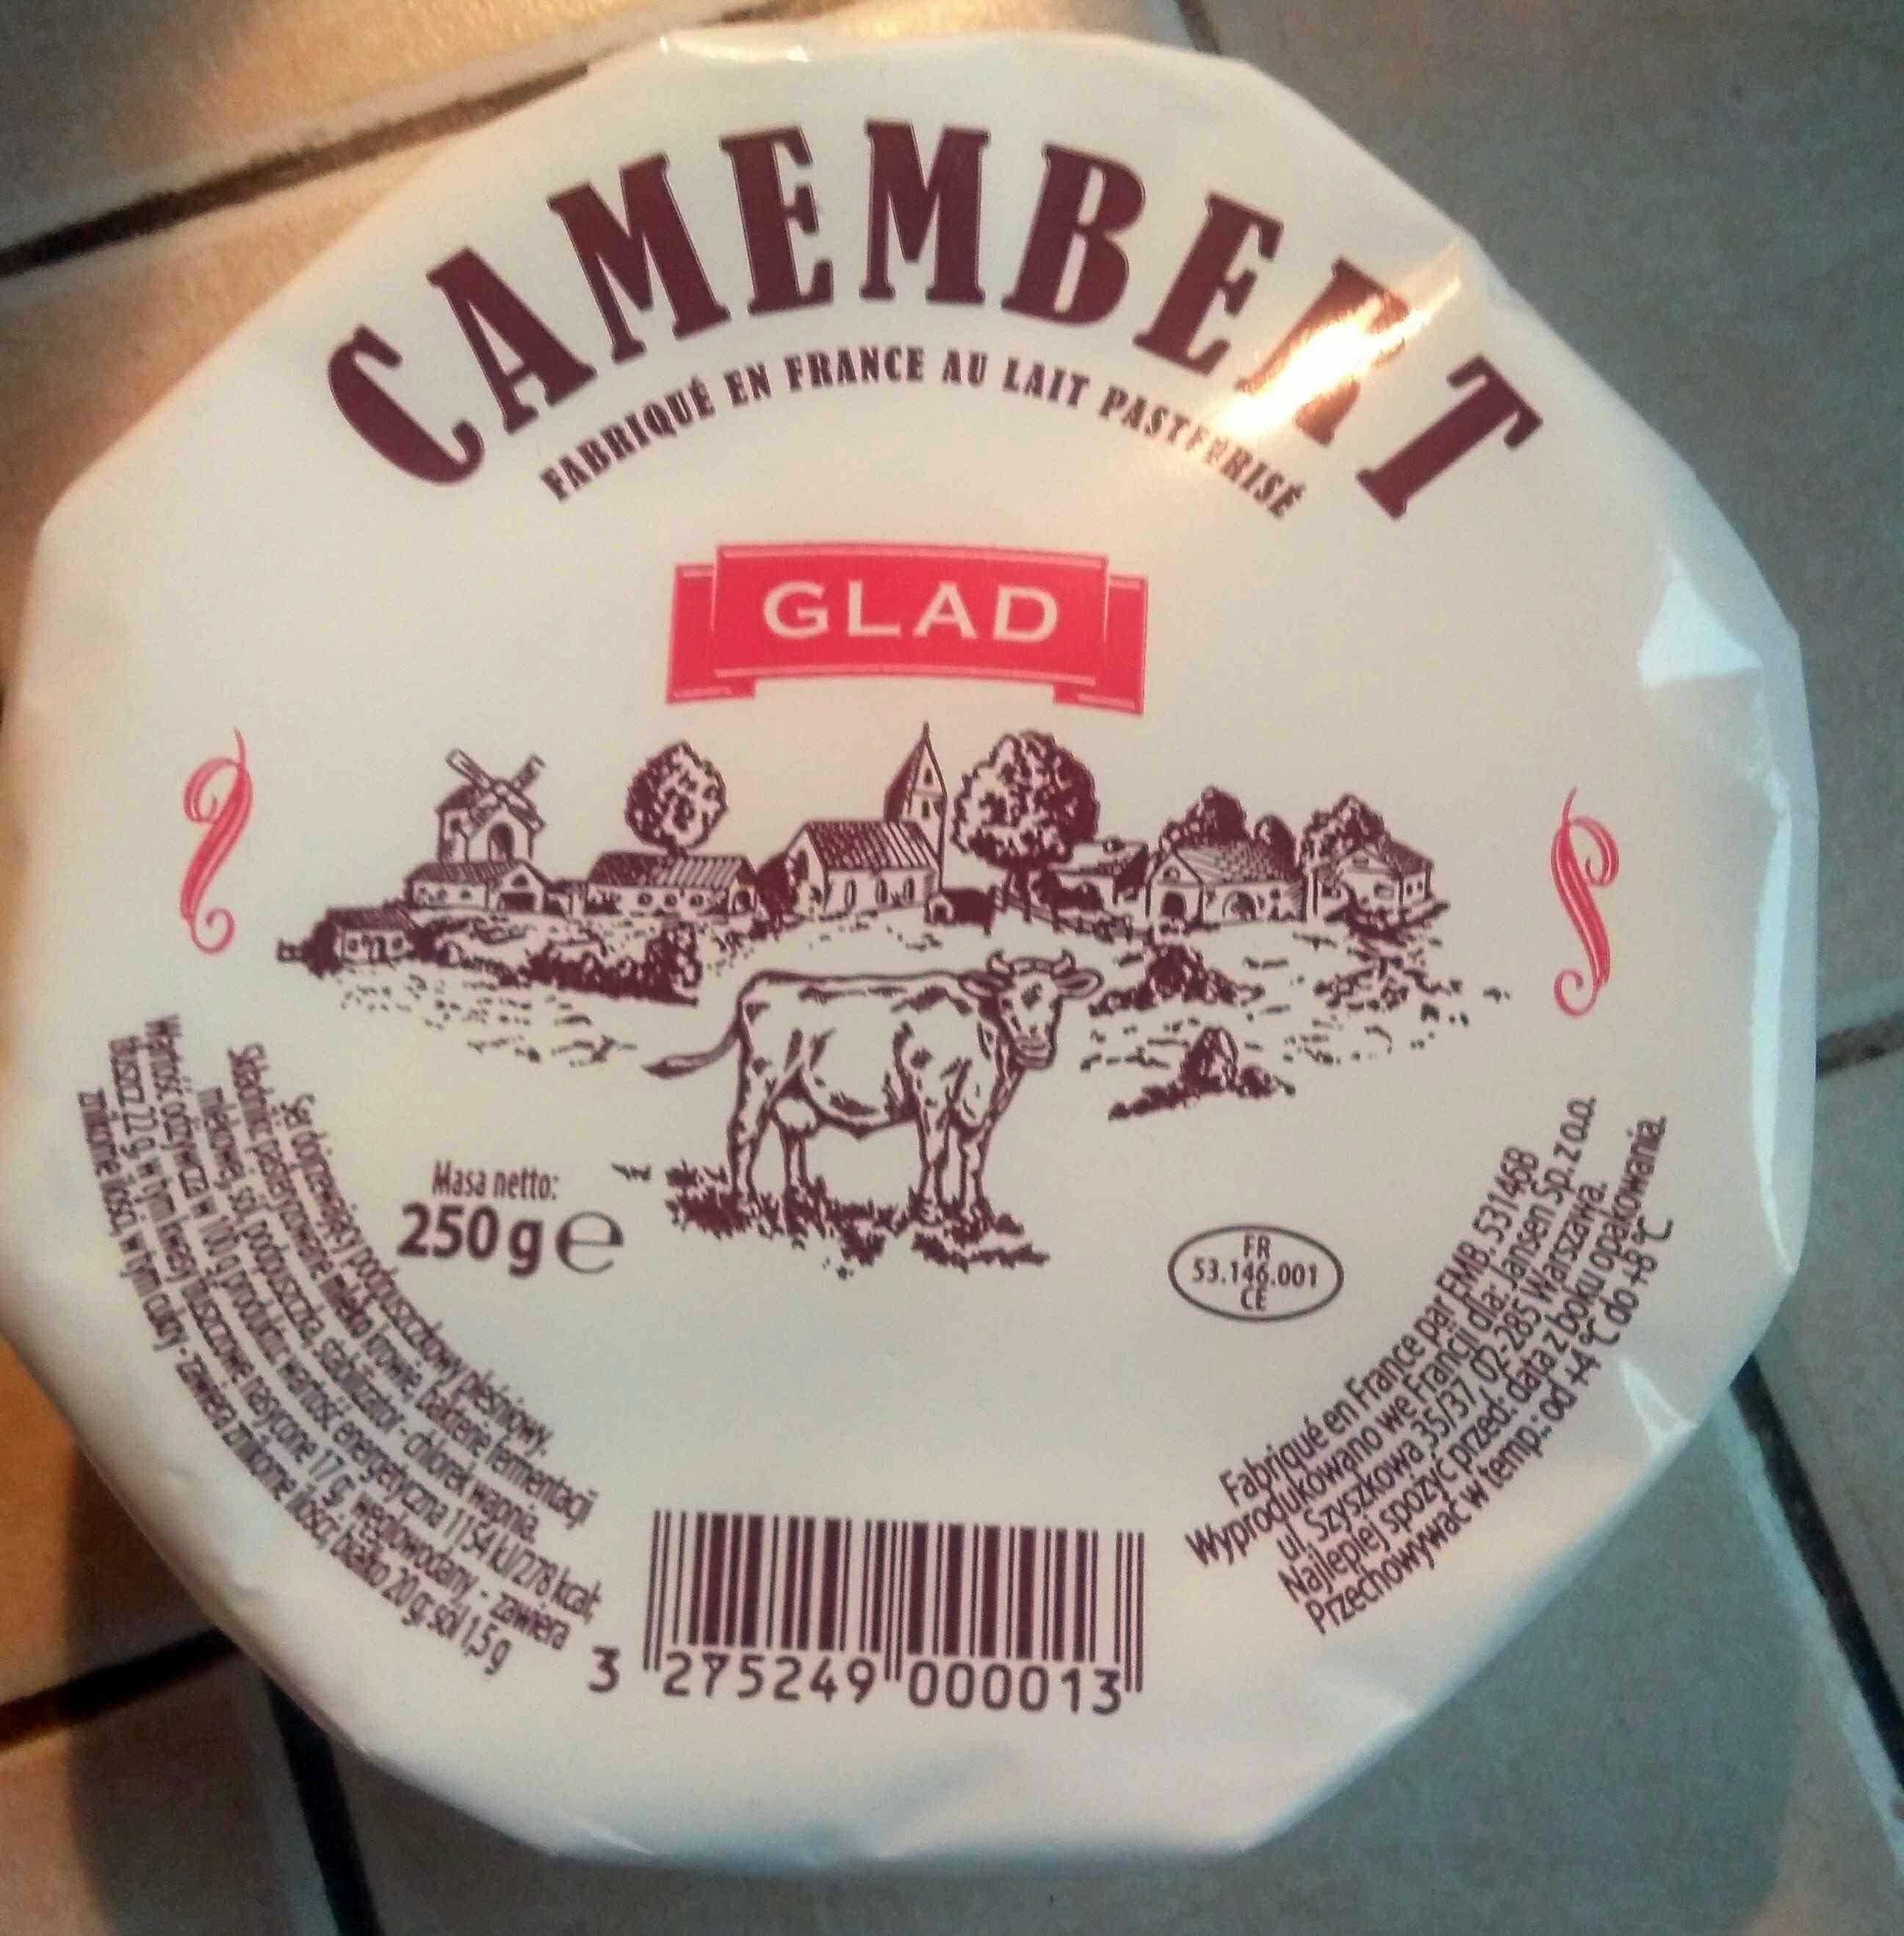 Camembert - Ser dojrzewający podpuszczkowy pleśniowy - Product - pl